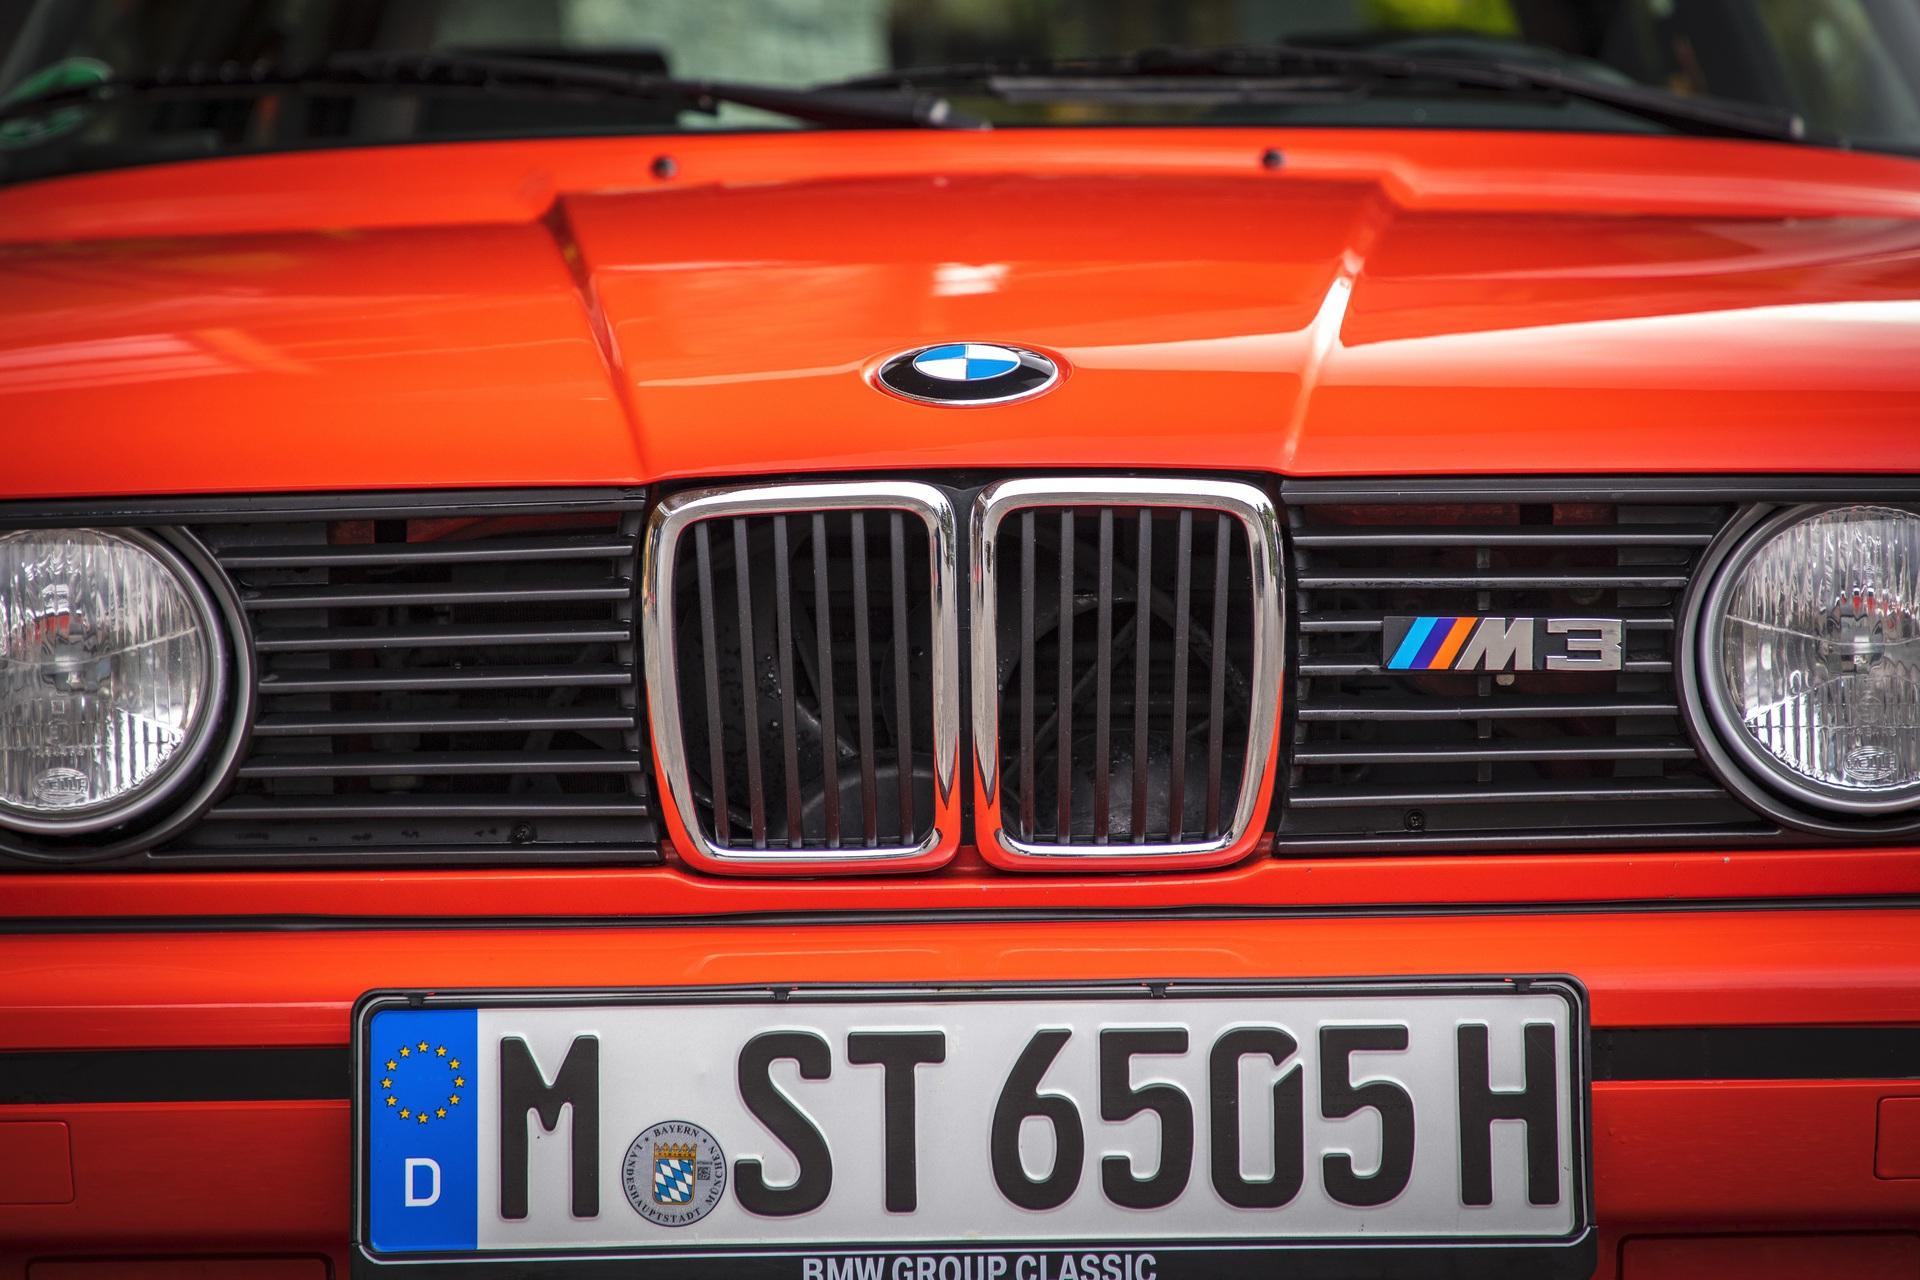 E30 BMW M3 test drive 82